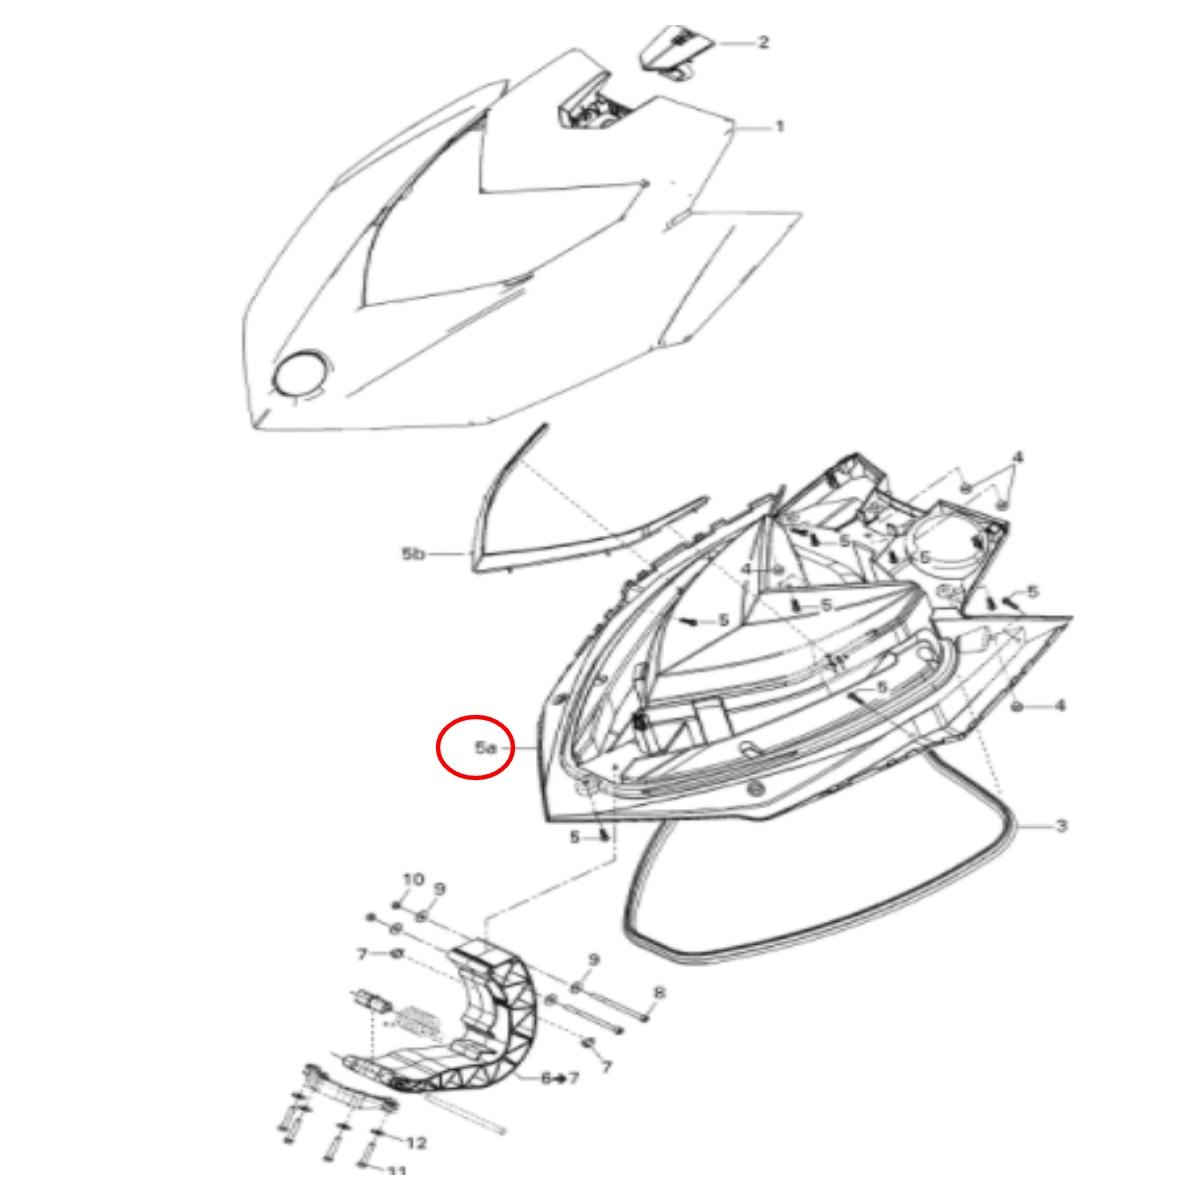 Carenagem Frontal Inferior Sea Doo GTR/GTS/GTI 4 Tec 2011(Transporte a combinar)  - Radical Peças - Peças para Jet Ski